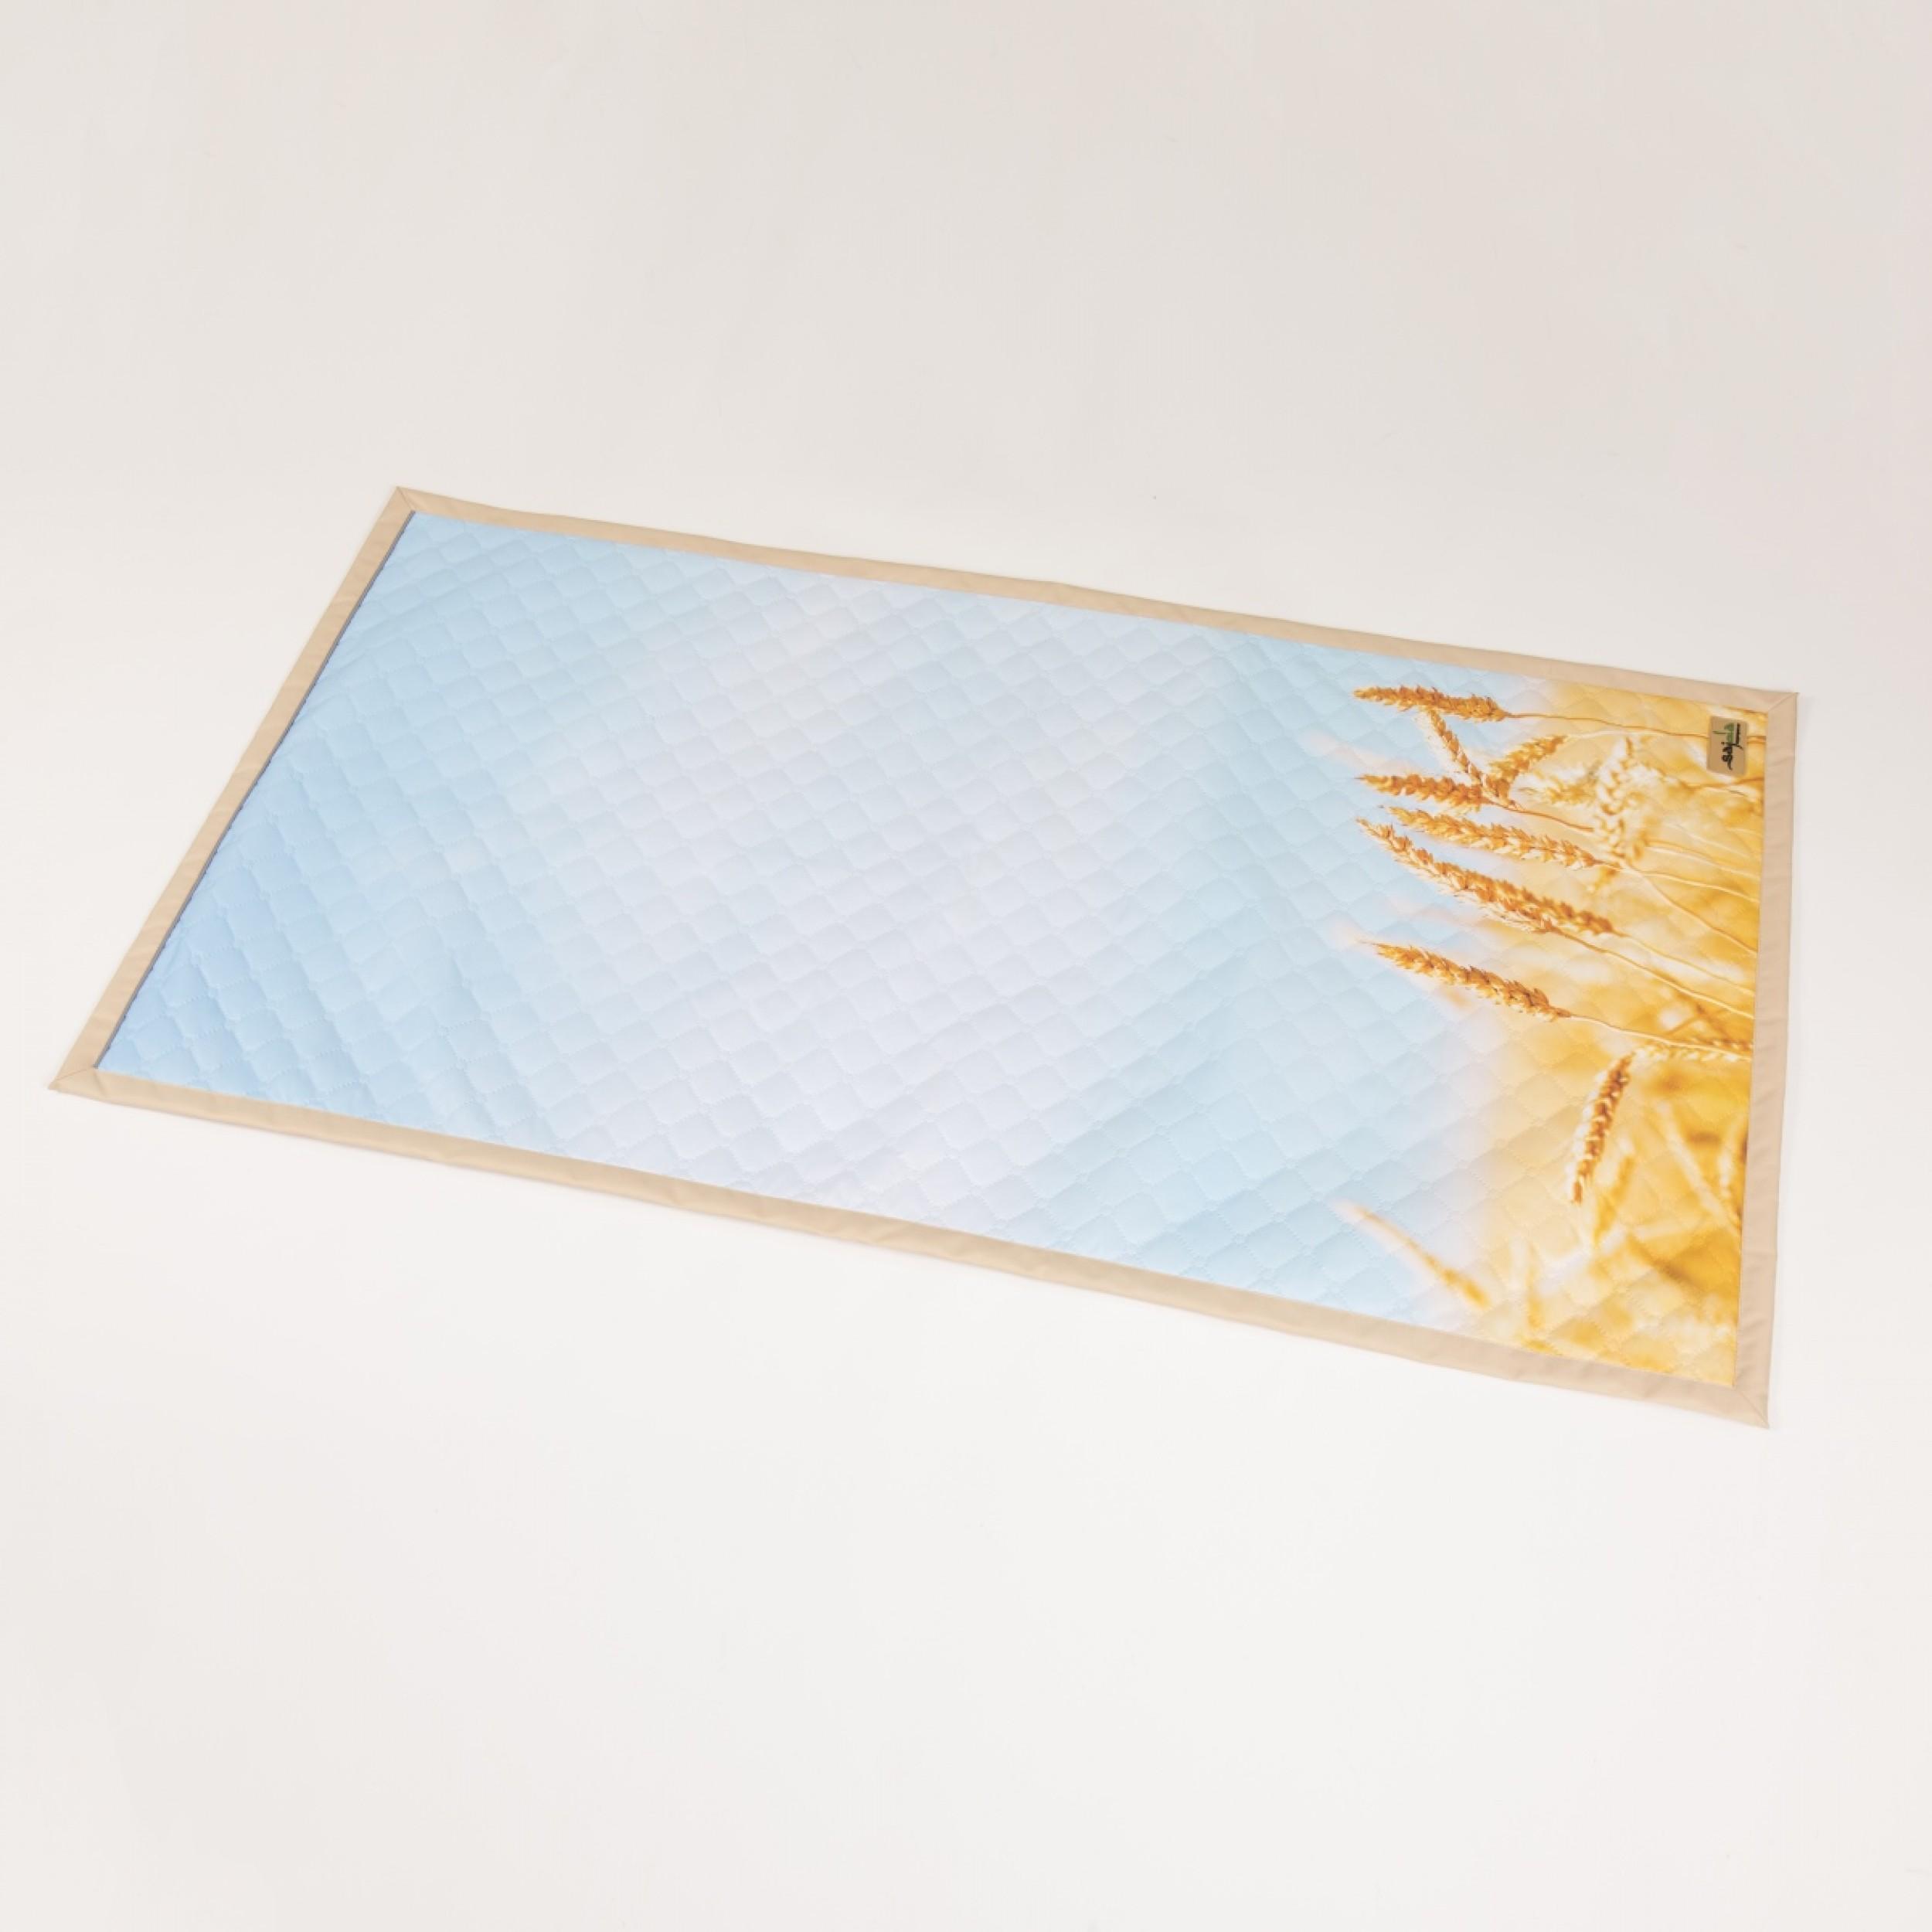 """Непромокаемый коврик для намаза """"Колосья"""" (размер 120x62)"""